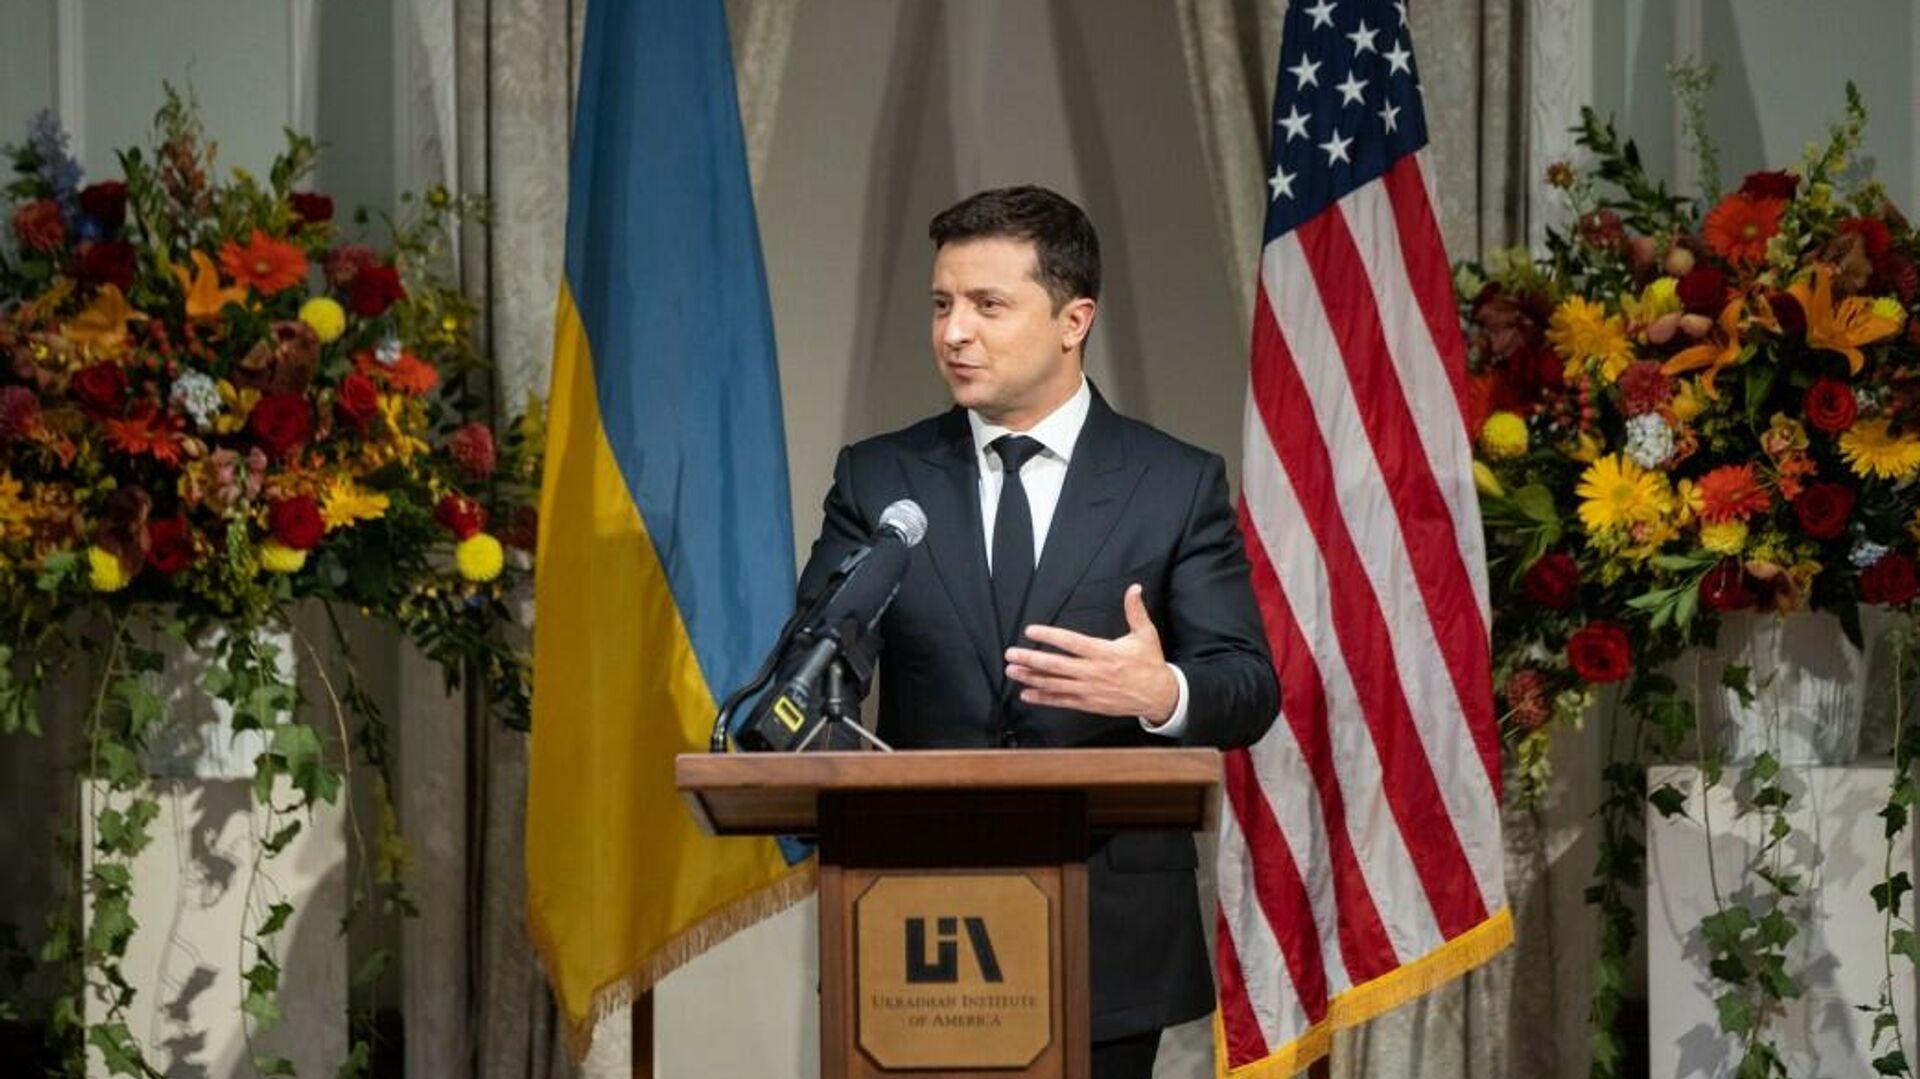 Президент Украины Владимир Зеленский во время визита в Нью-Йорк - РИА Новости, 1920, 23.09.2021